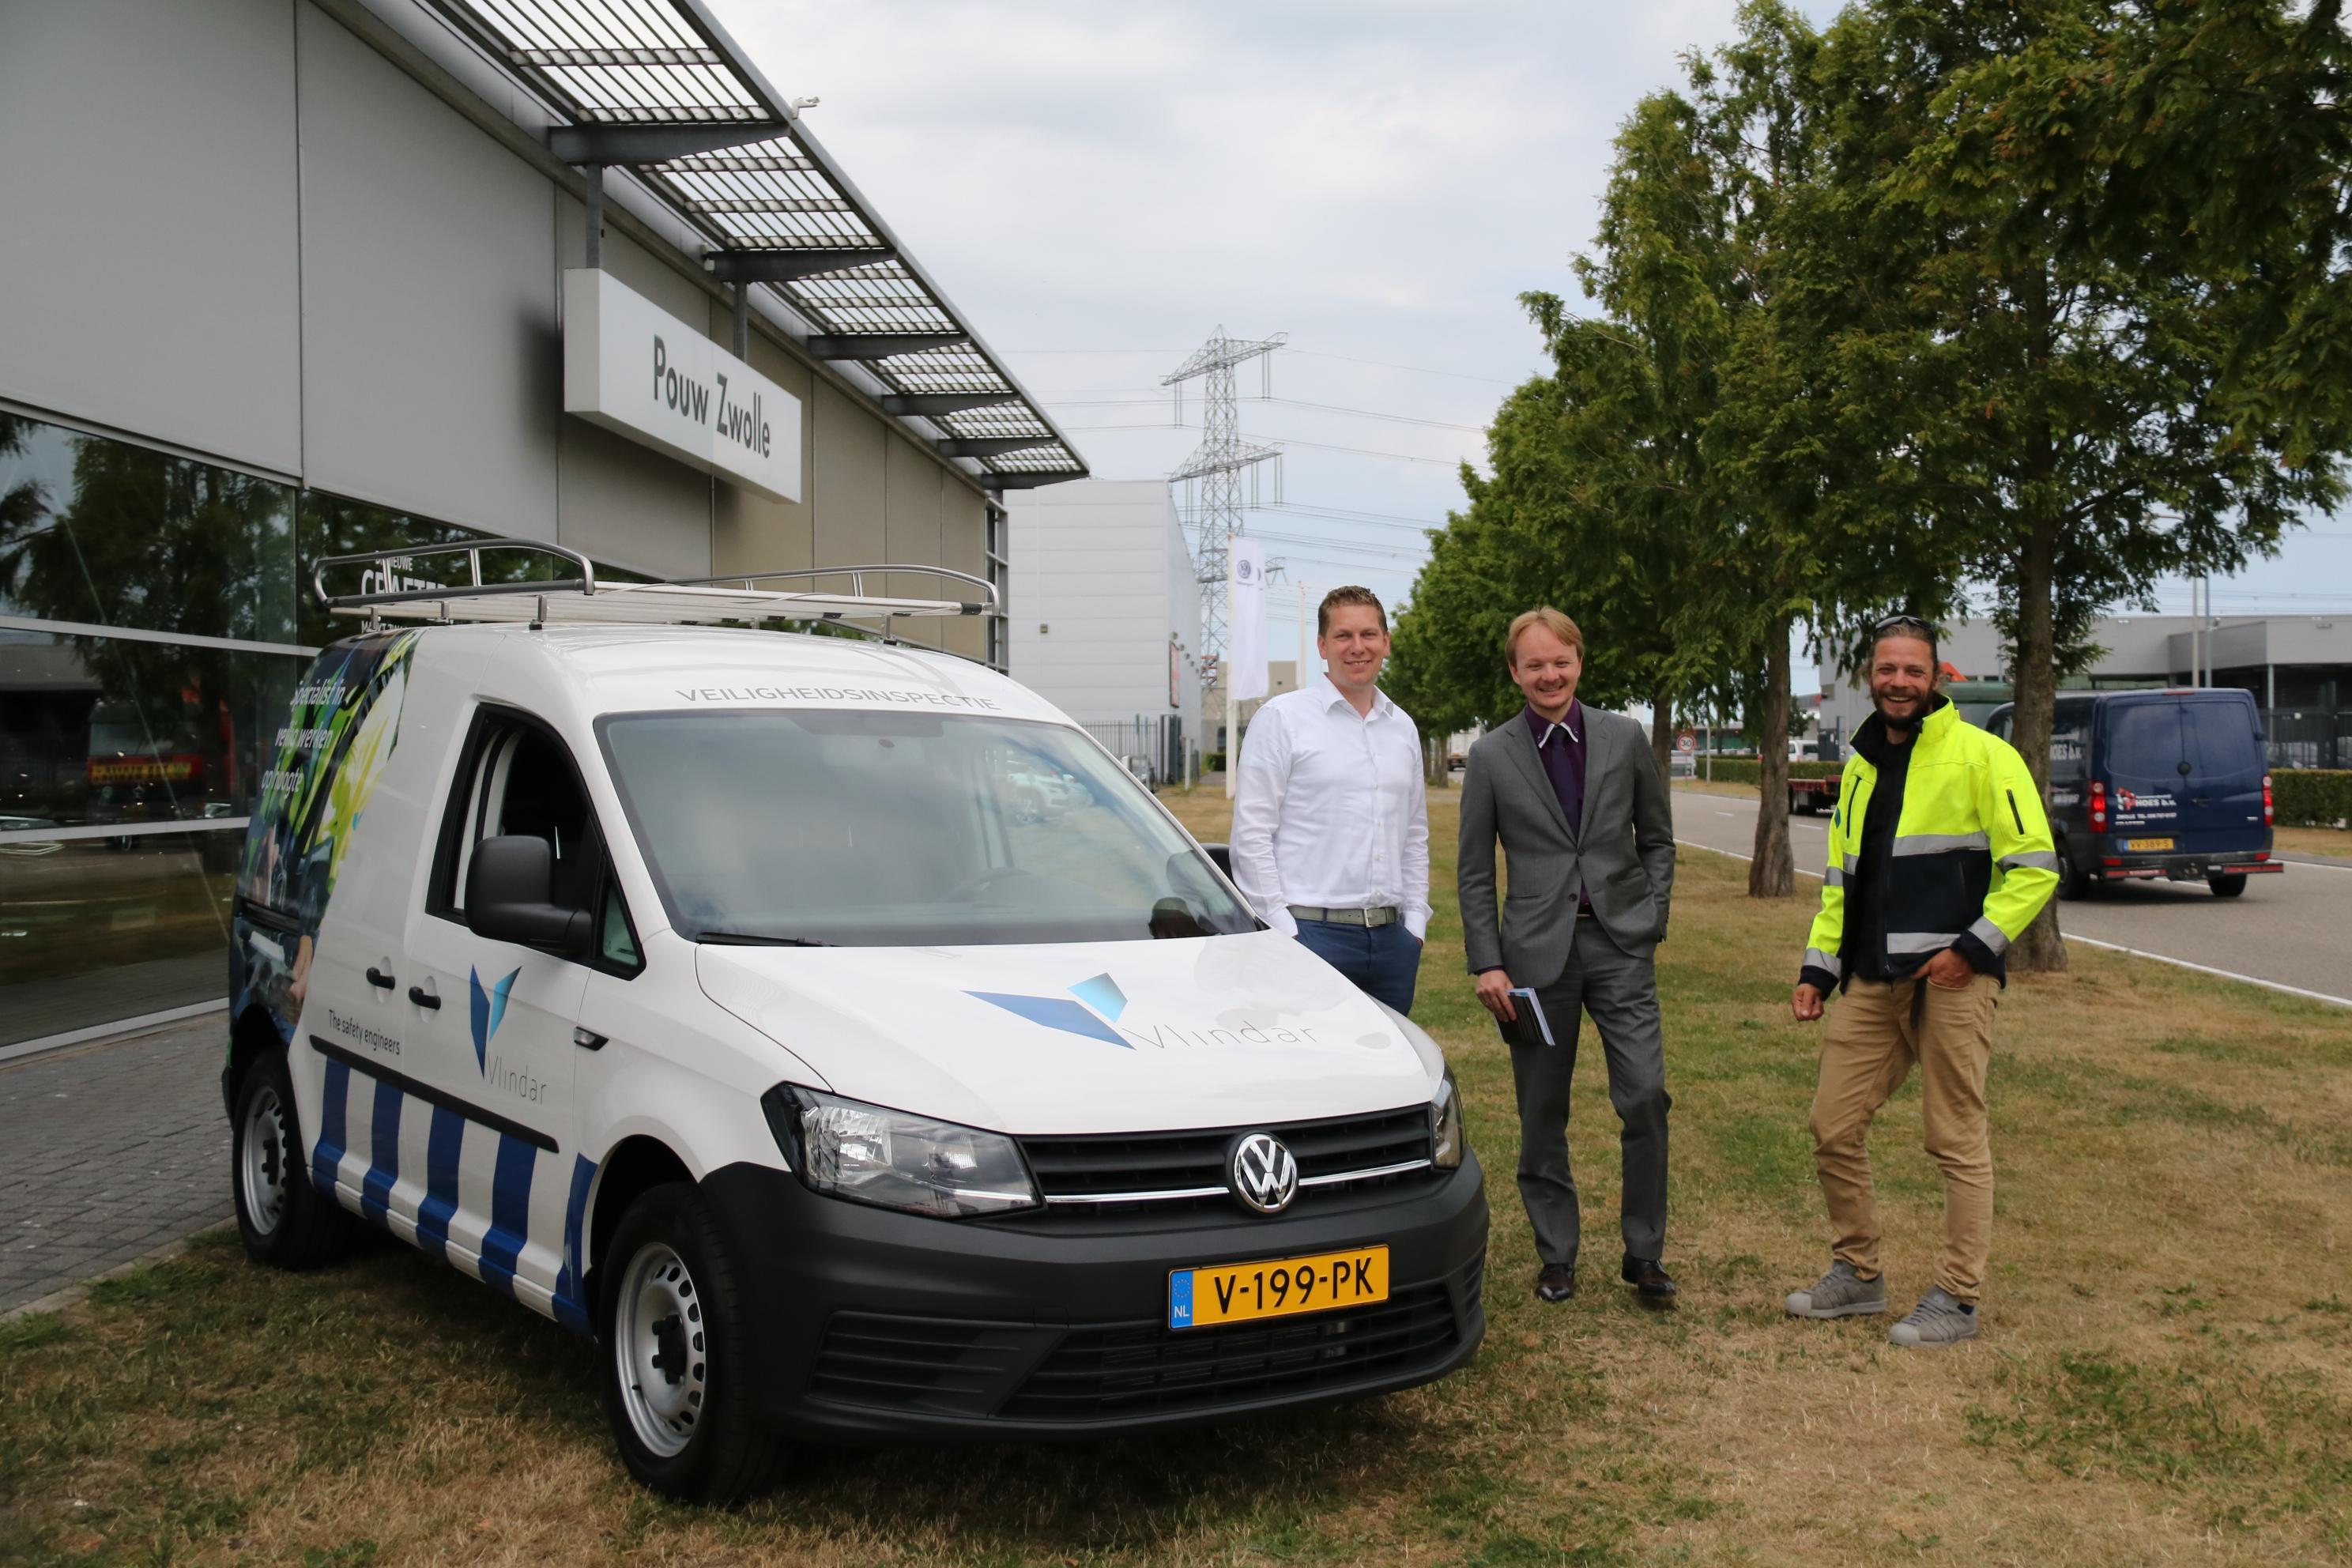 Inspectie-Veilig-werken-op-hoogte-Vlindar-nieuwe-bus-Pouw-Zwolle